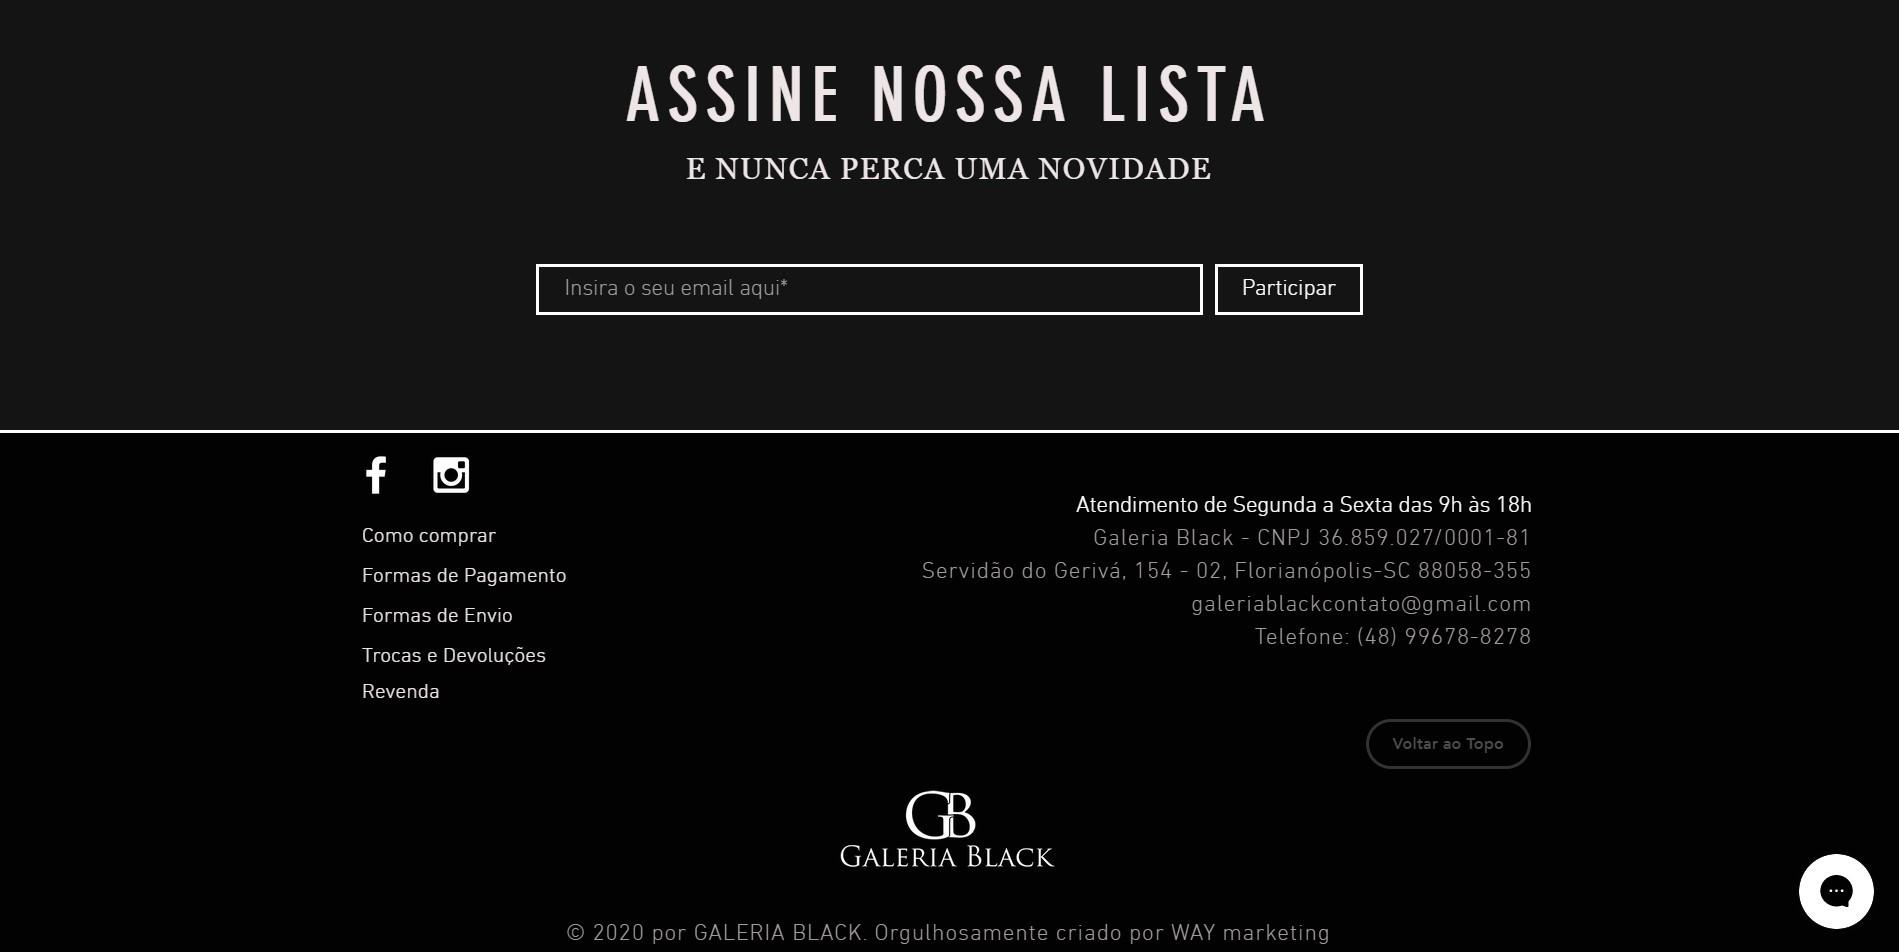 Galeria Black